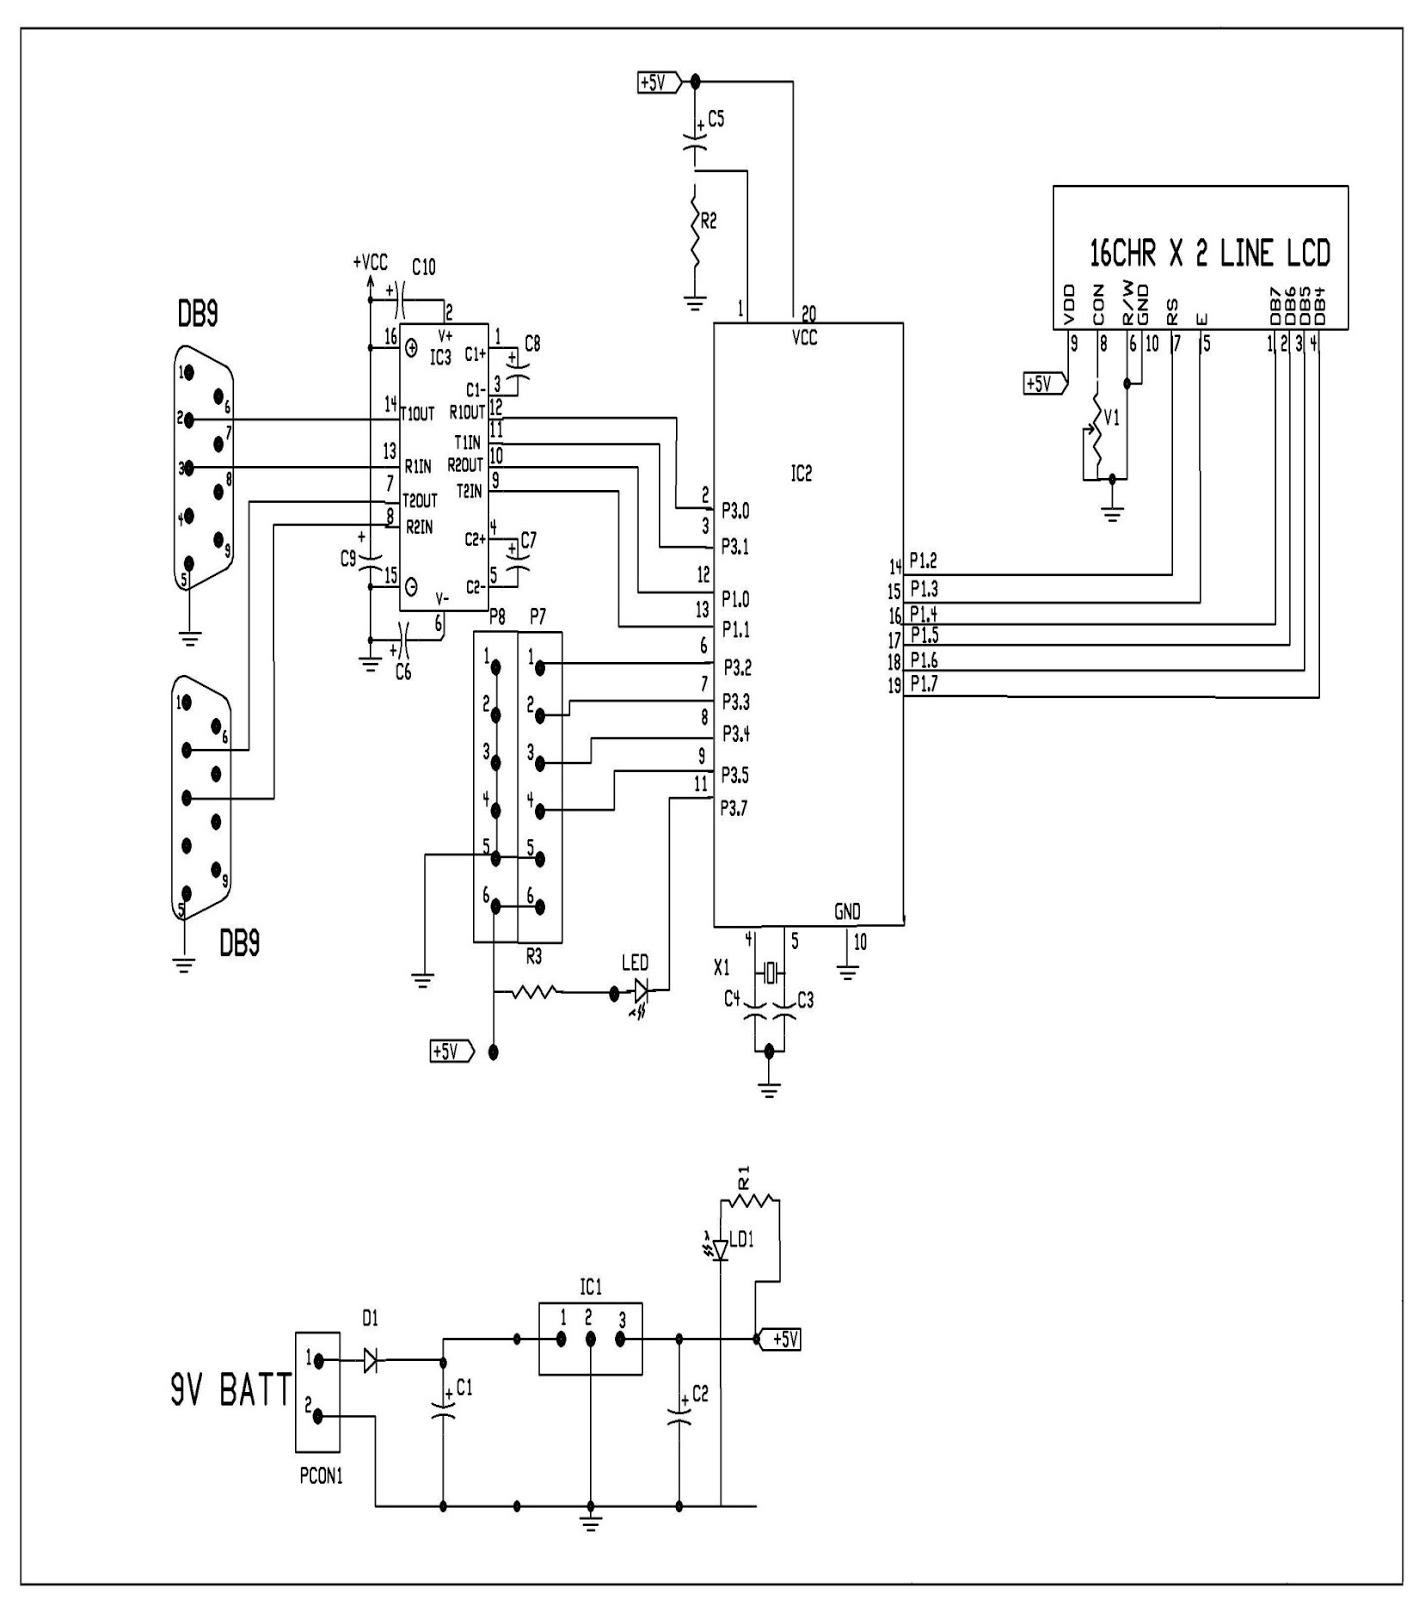 gps circuit diagram